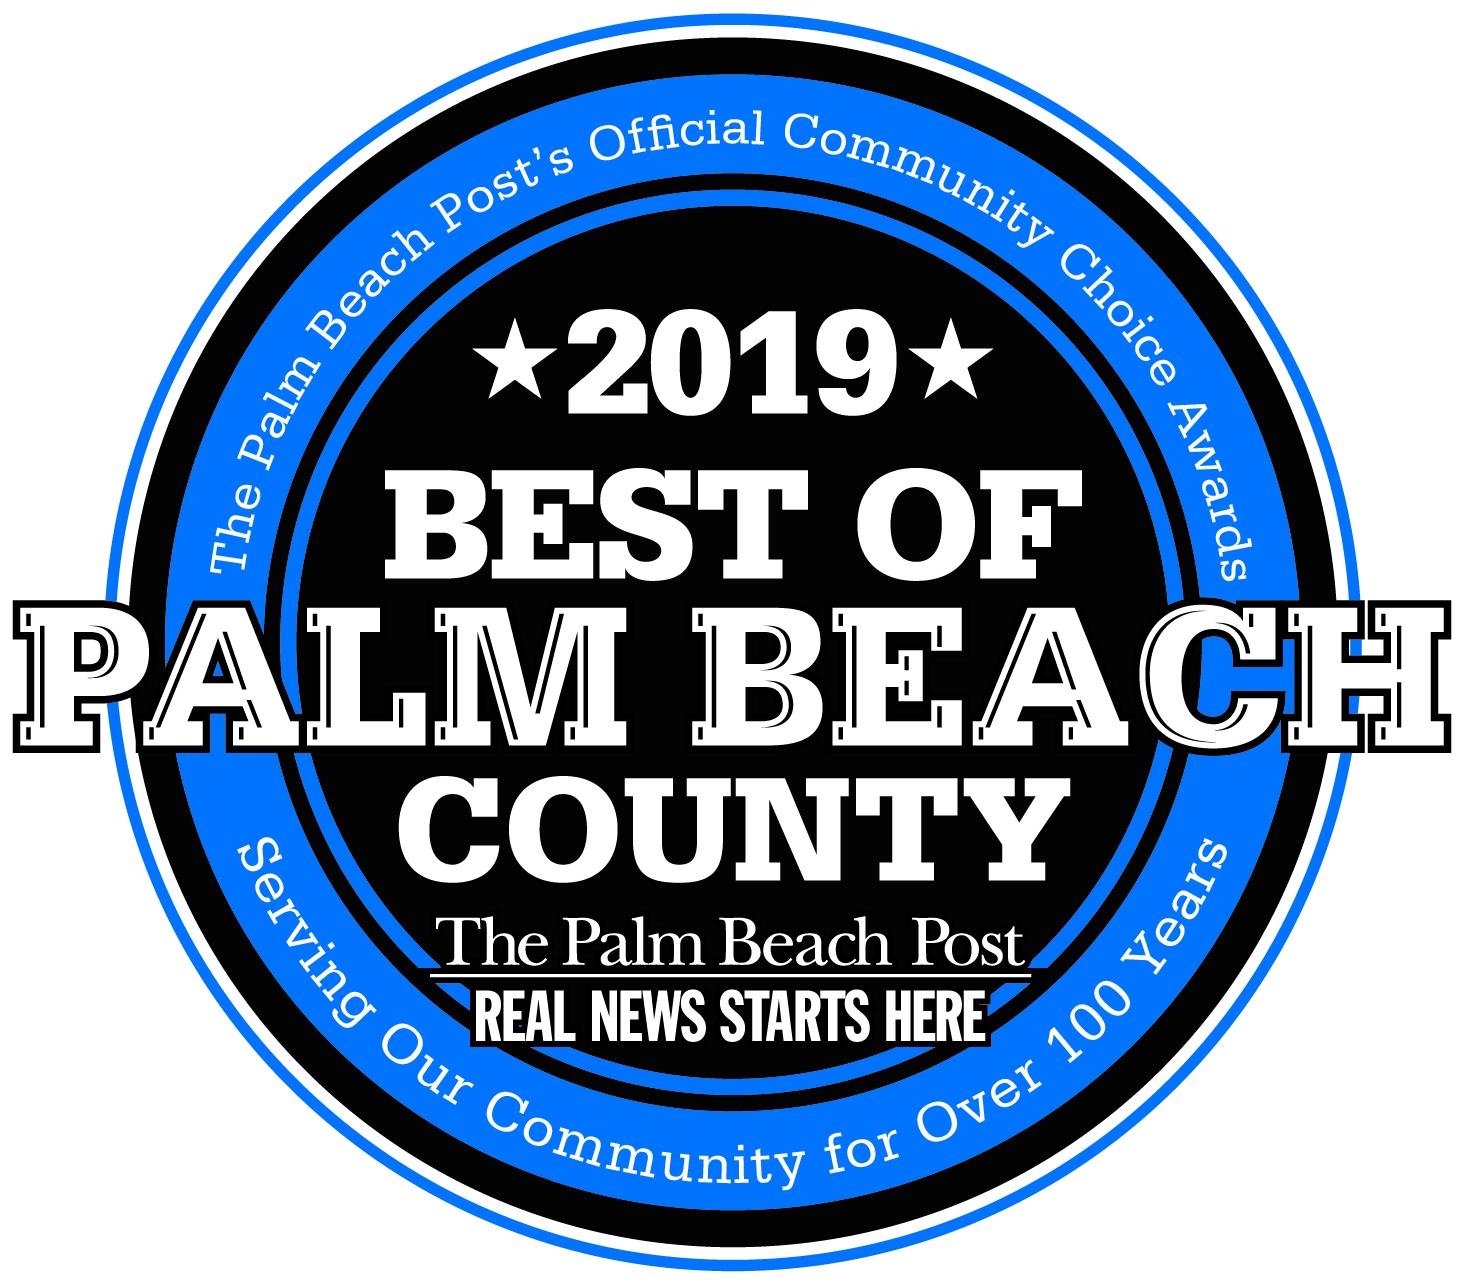 cropped-http://www.powerschiro.com/wp-content/uploads/2019/04/BOB_PalmBeach_2019_Logo_COLOR.jpg